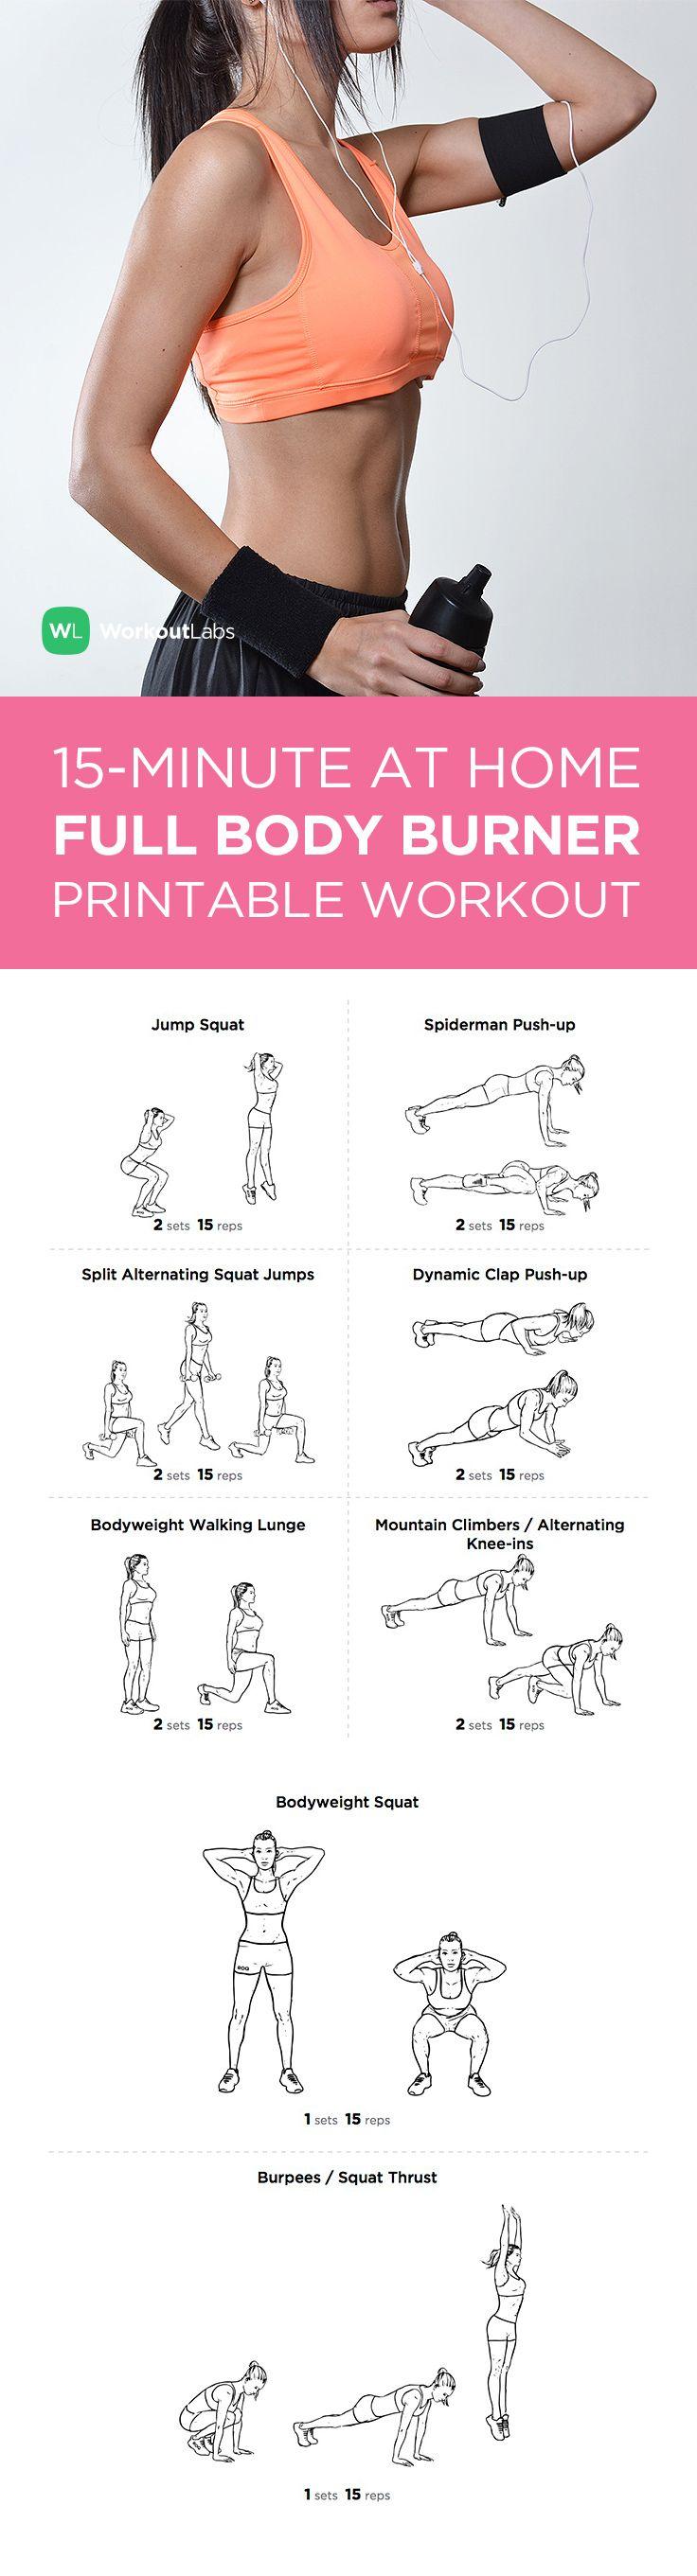 15 Minute Full Body Burner At Home Workout For Men Women